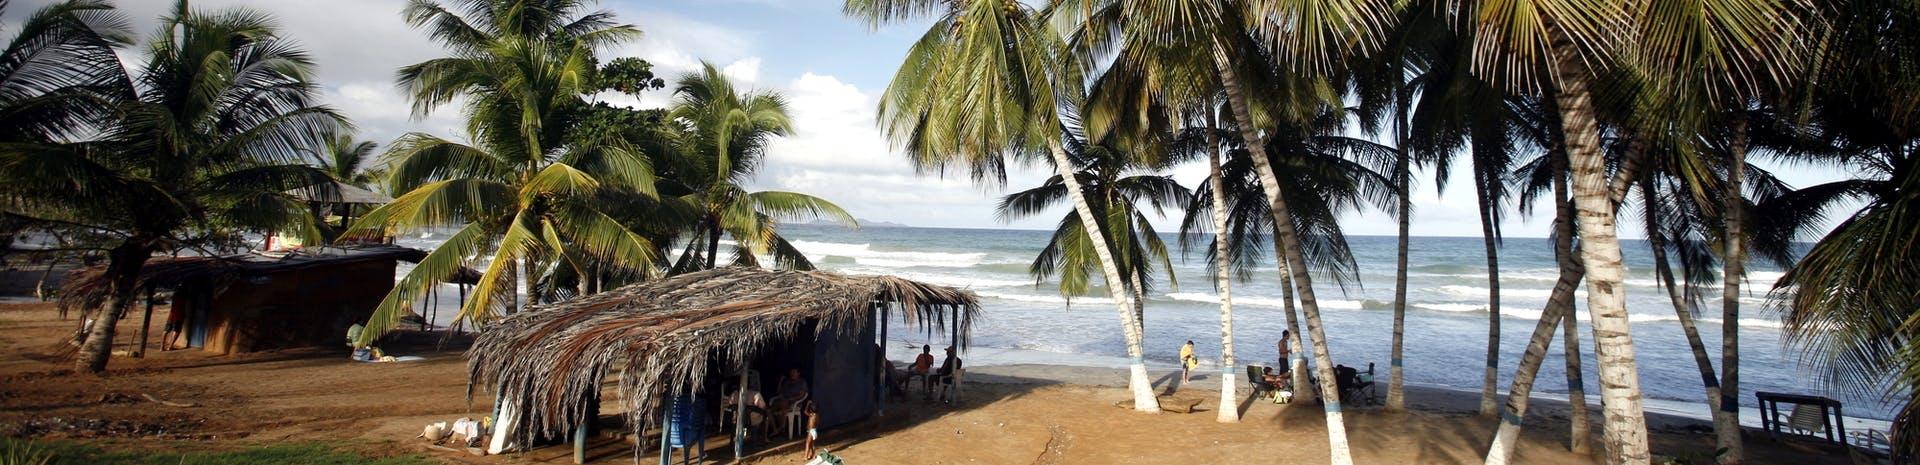 Picture of Margarita Island